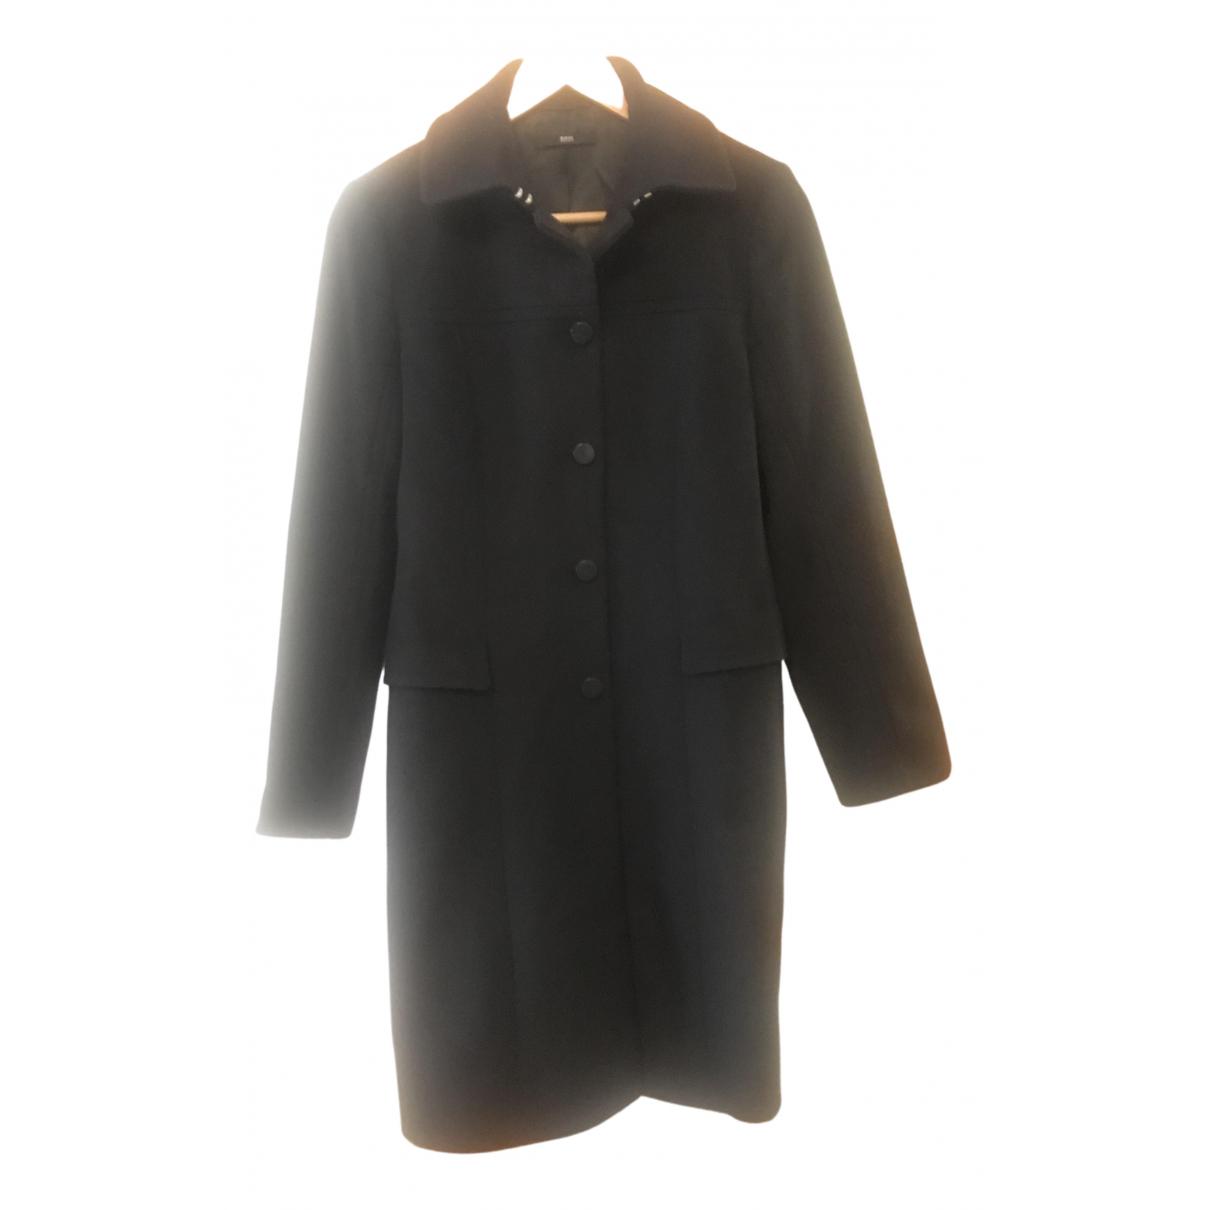 Hugo Boss \N Black Wool coat for Women M International